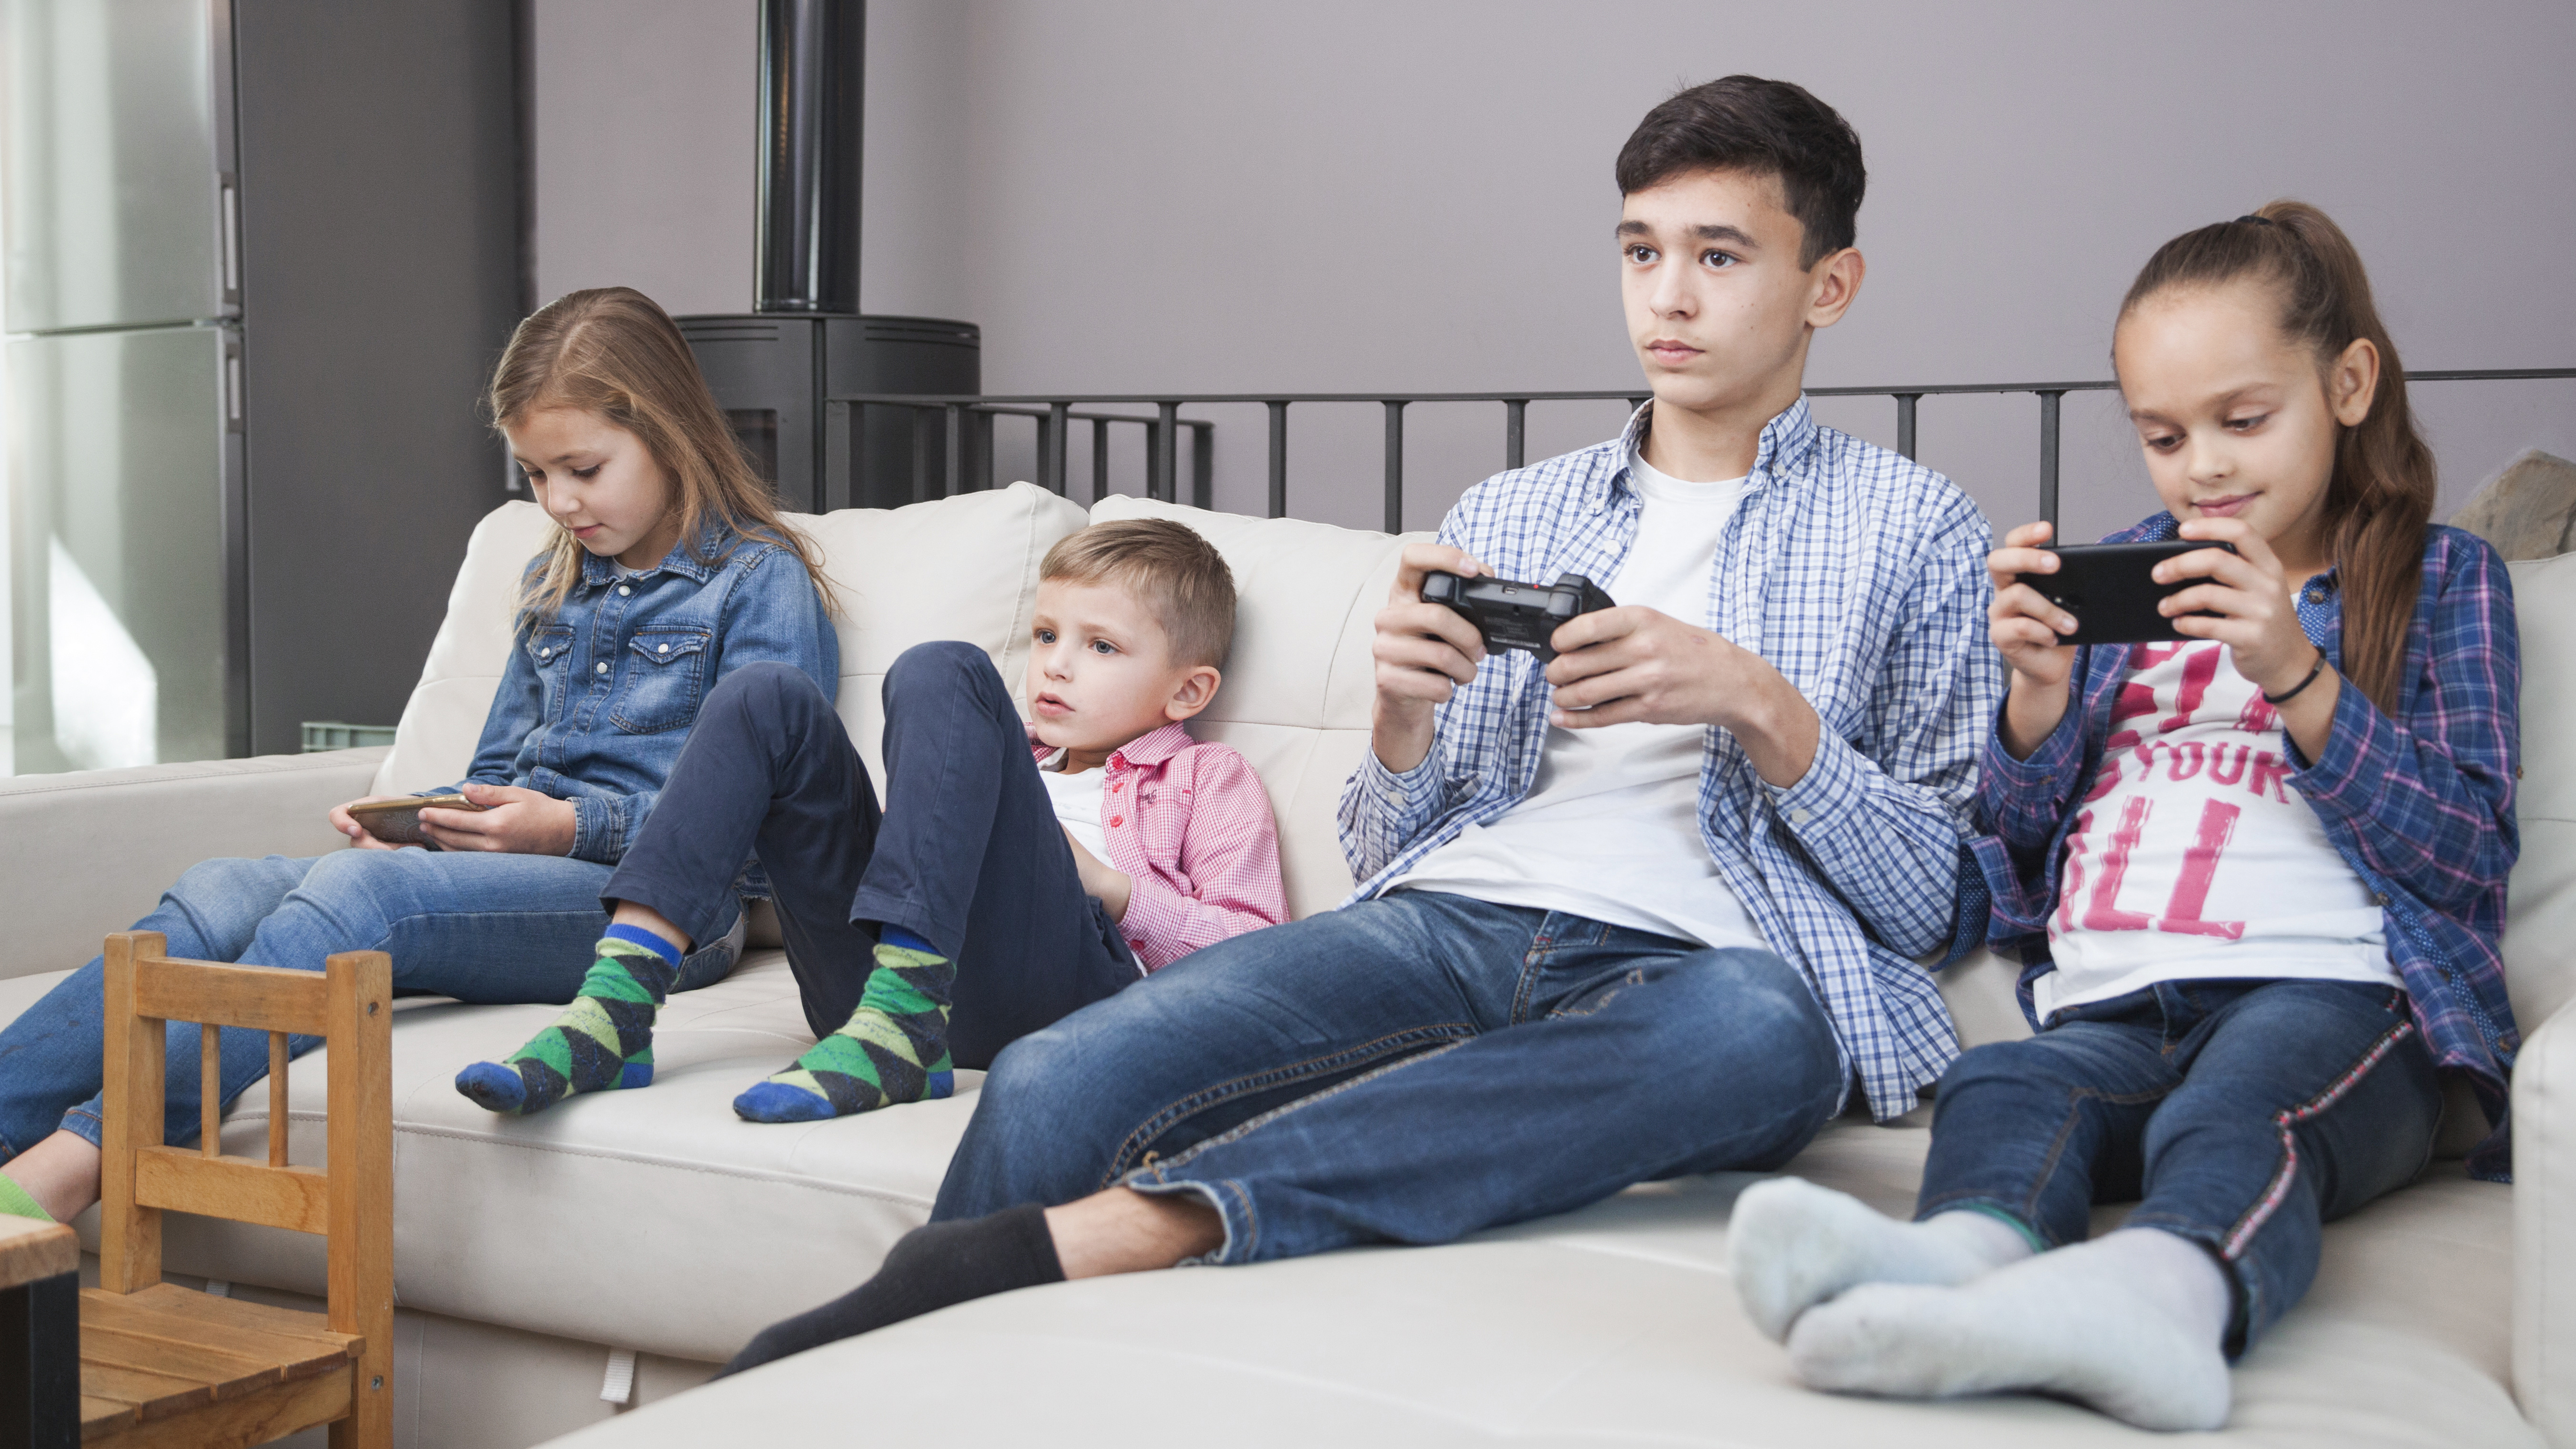 los-ninos-y-la-tecnologia-consejos-para-padres